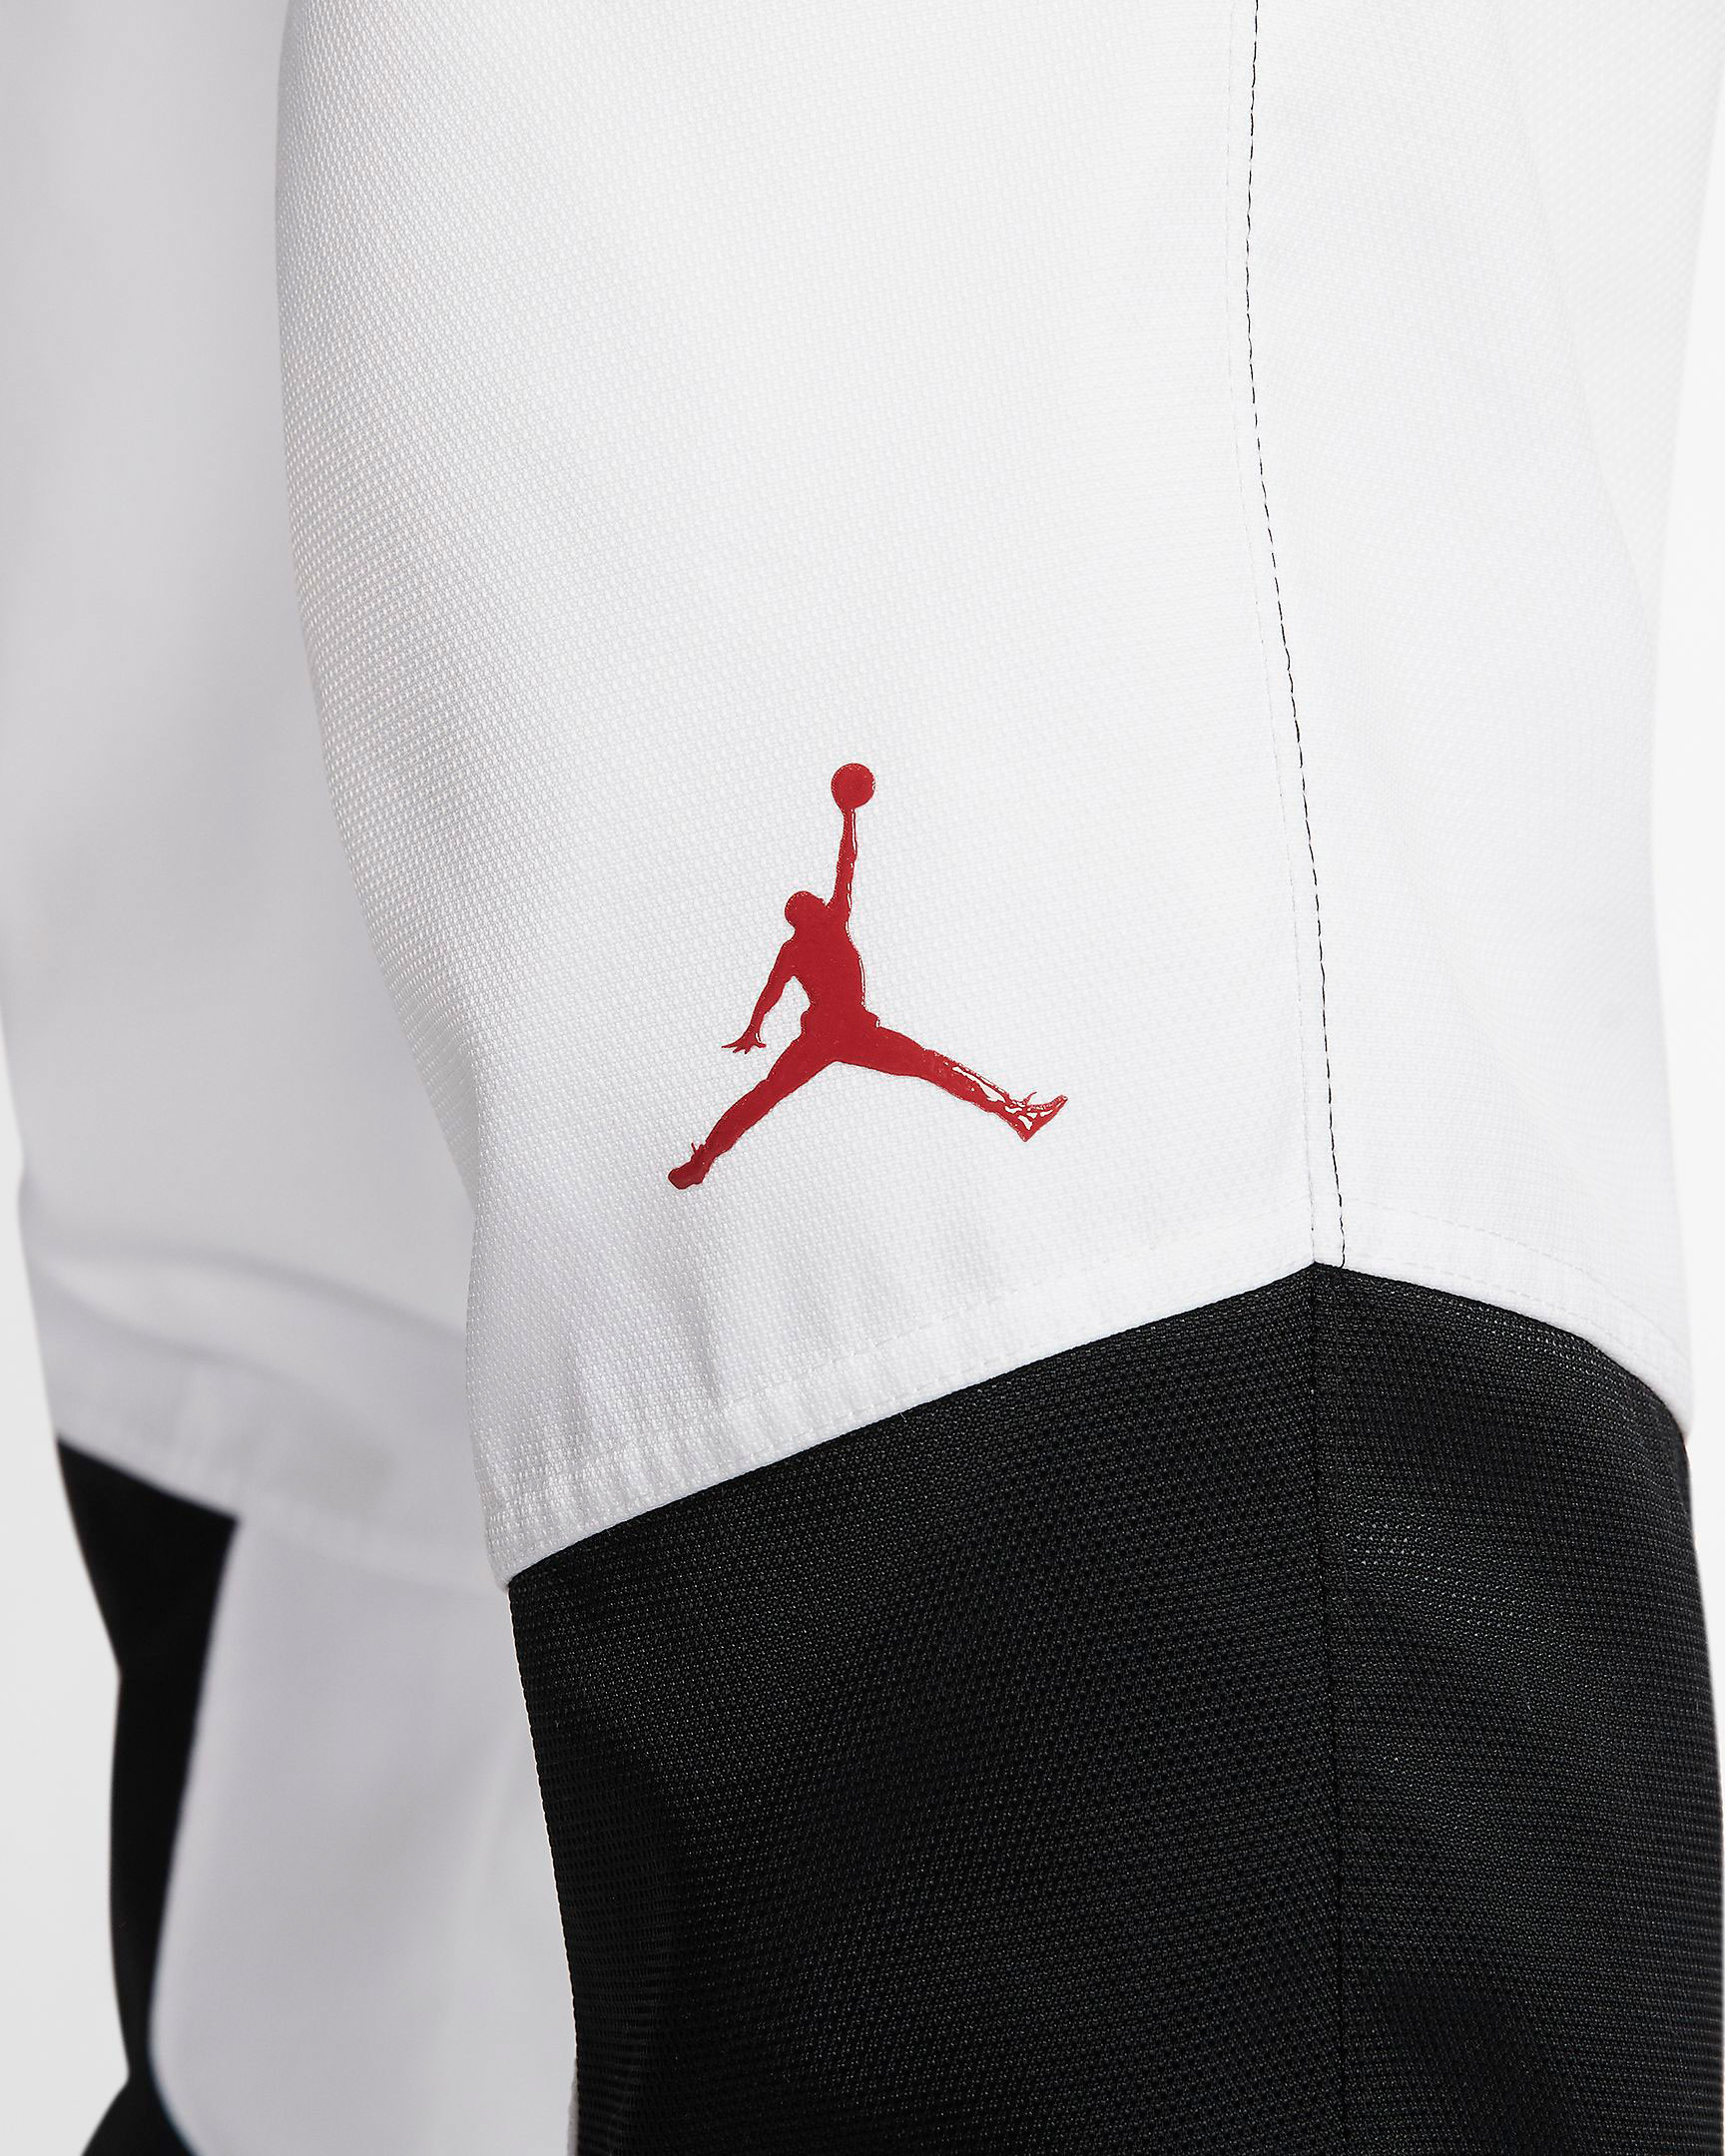 air-jordan-11-bred-2019-pants-3